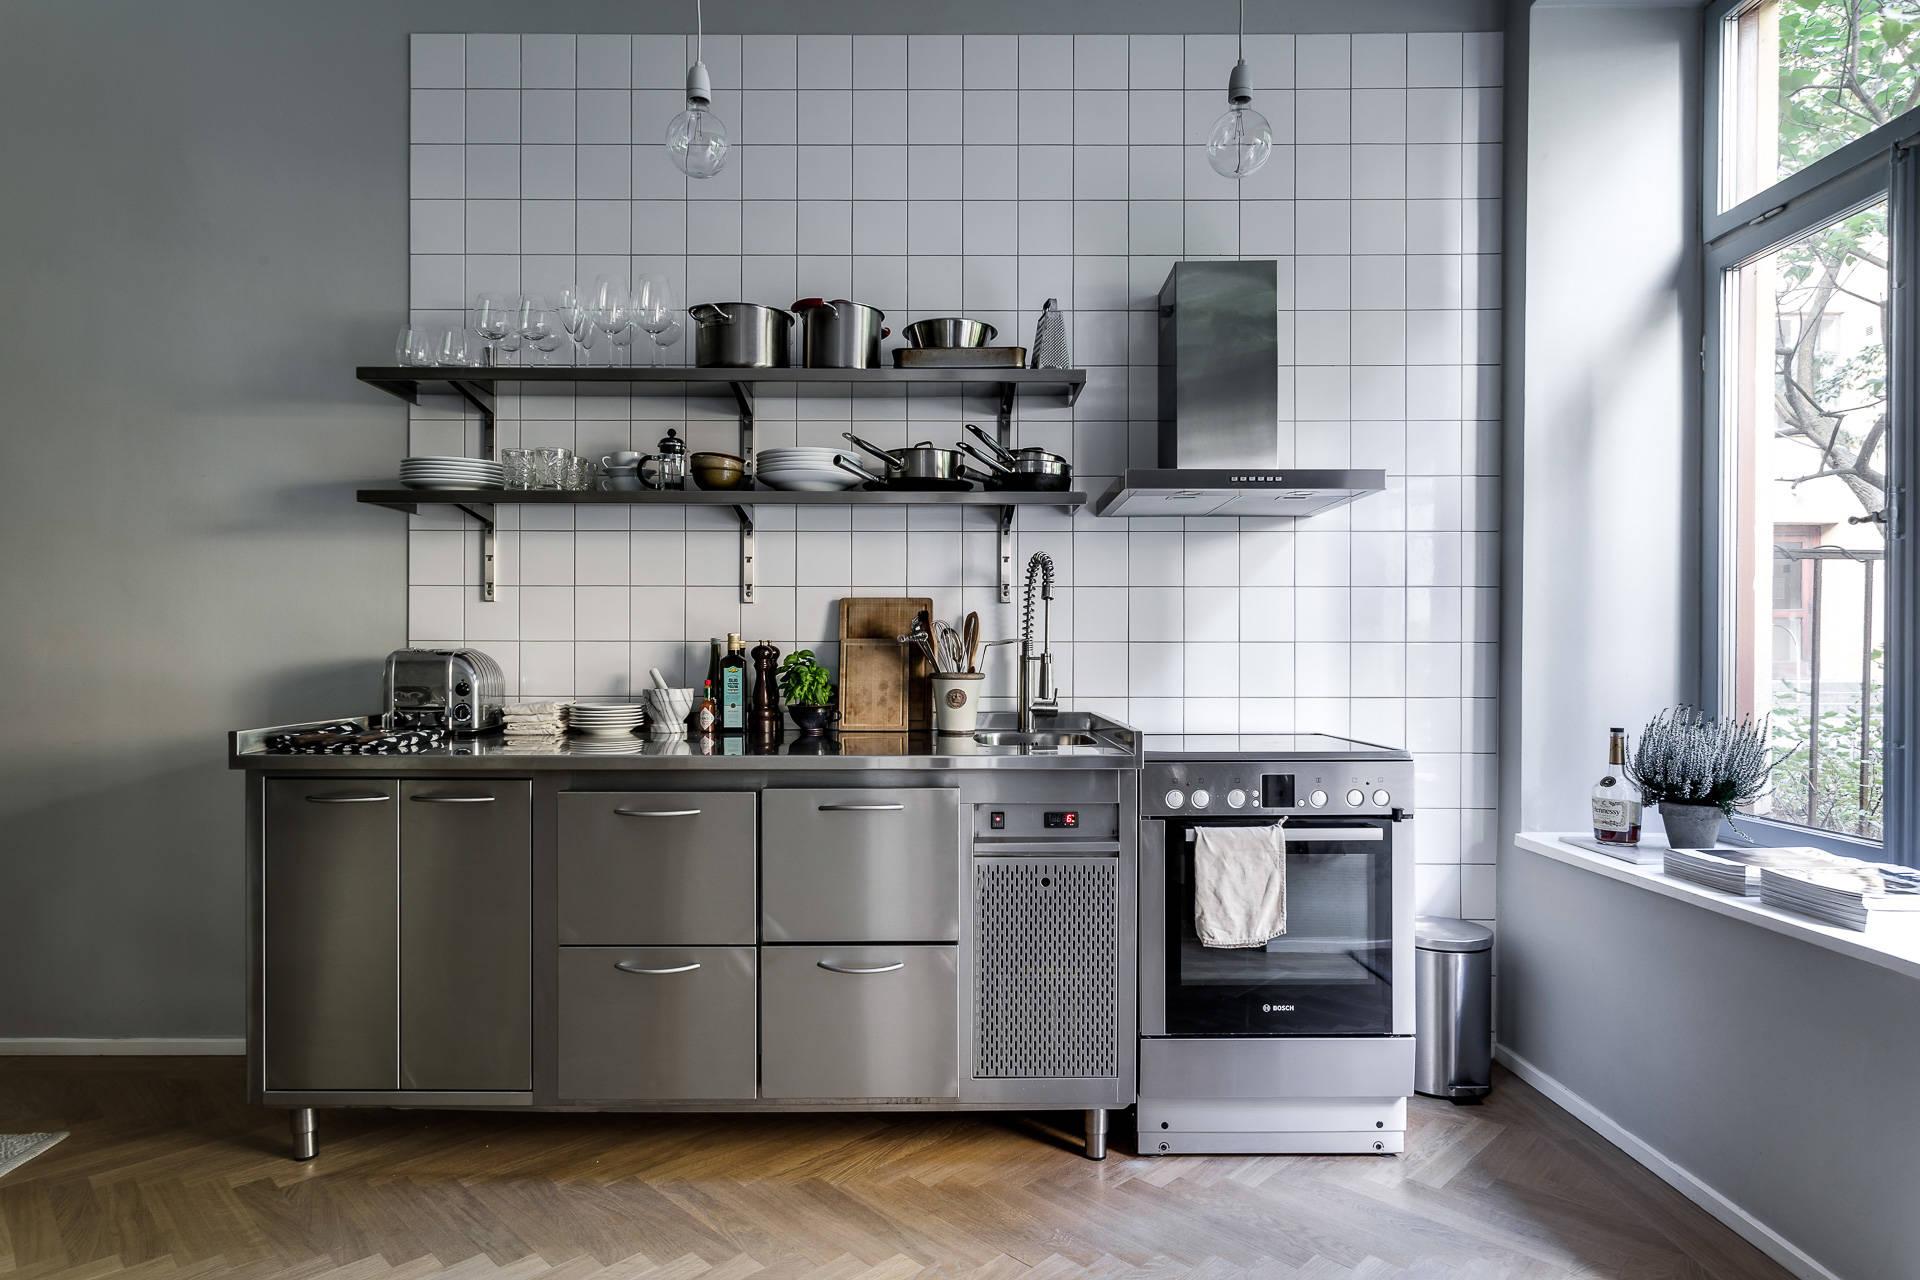 Peque a cocina inspirada en una profesional blog tienda for Cocinas y equipos